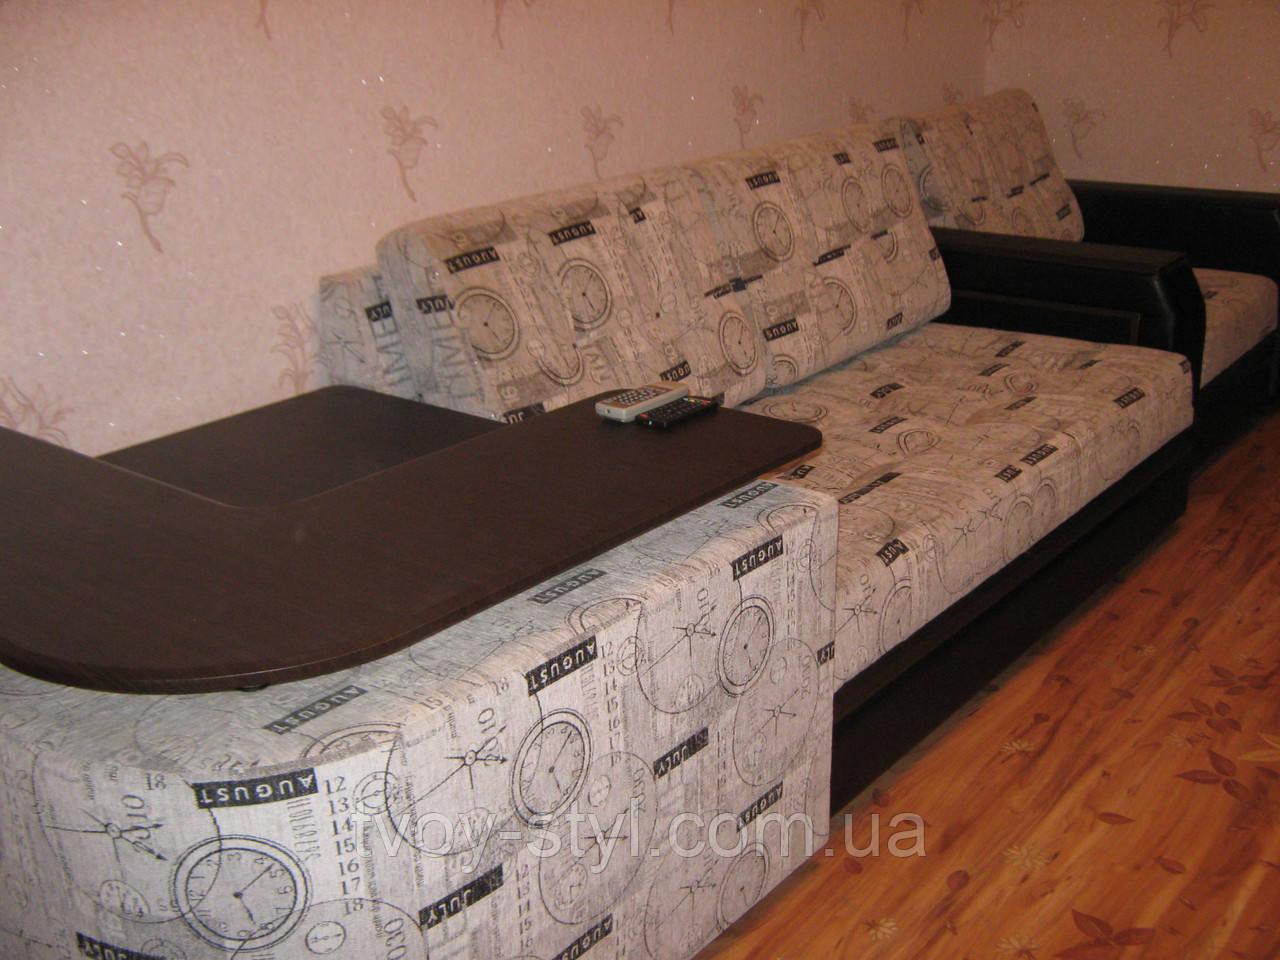 Мебель перетяжка Днепропетровск